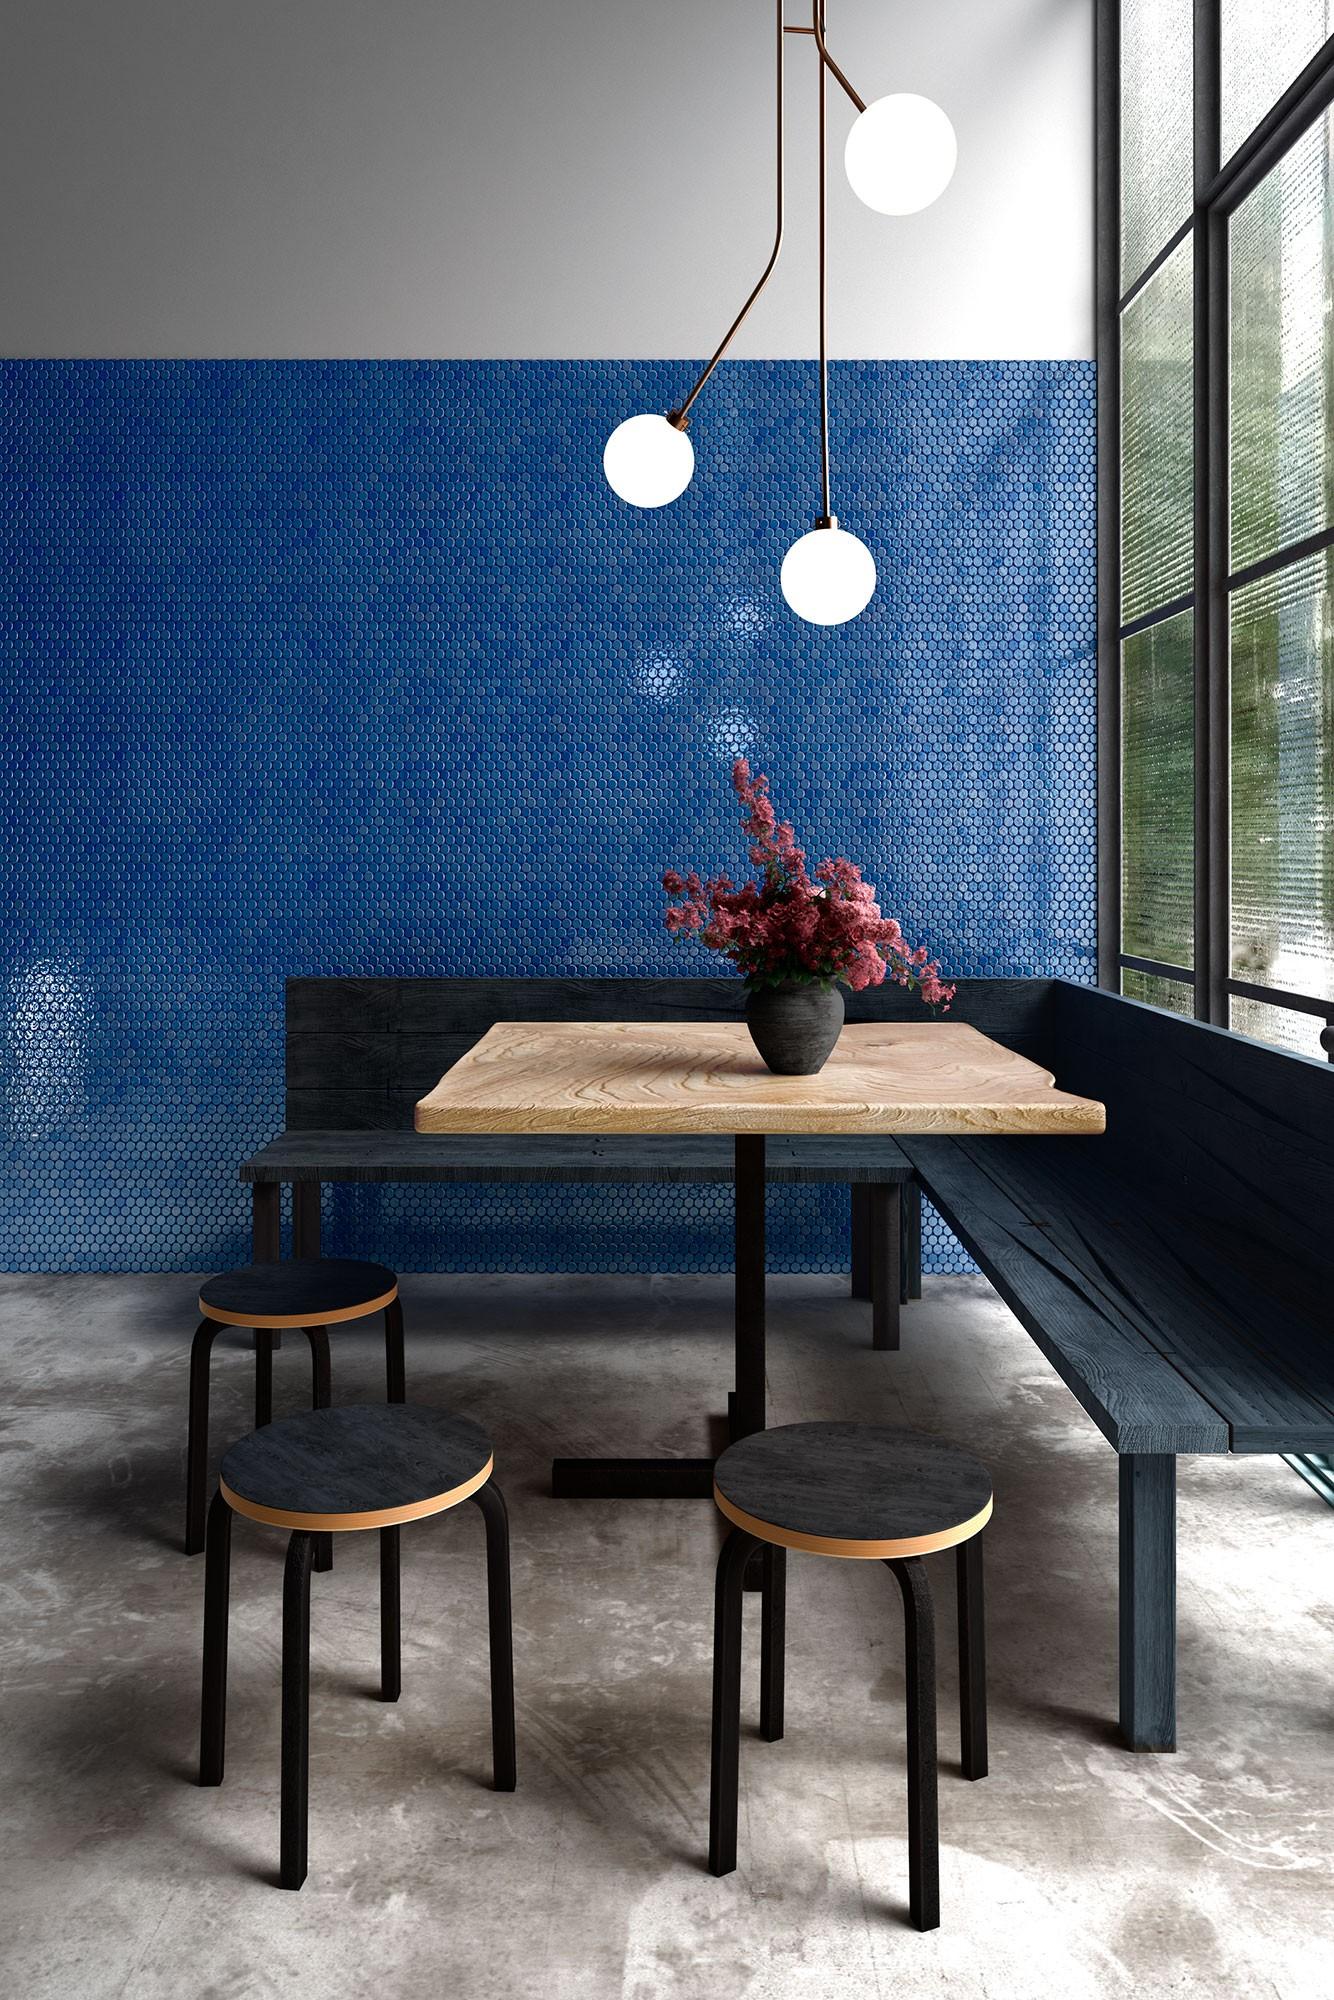 Circle Dark Blue Final - Mosaico Decorativo: Tendencia Para Baños Y Cocinas 2021 - Decoración